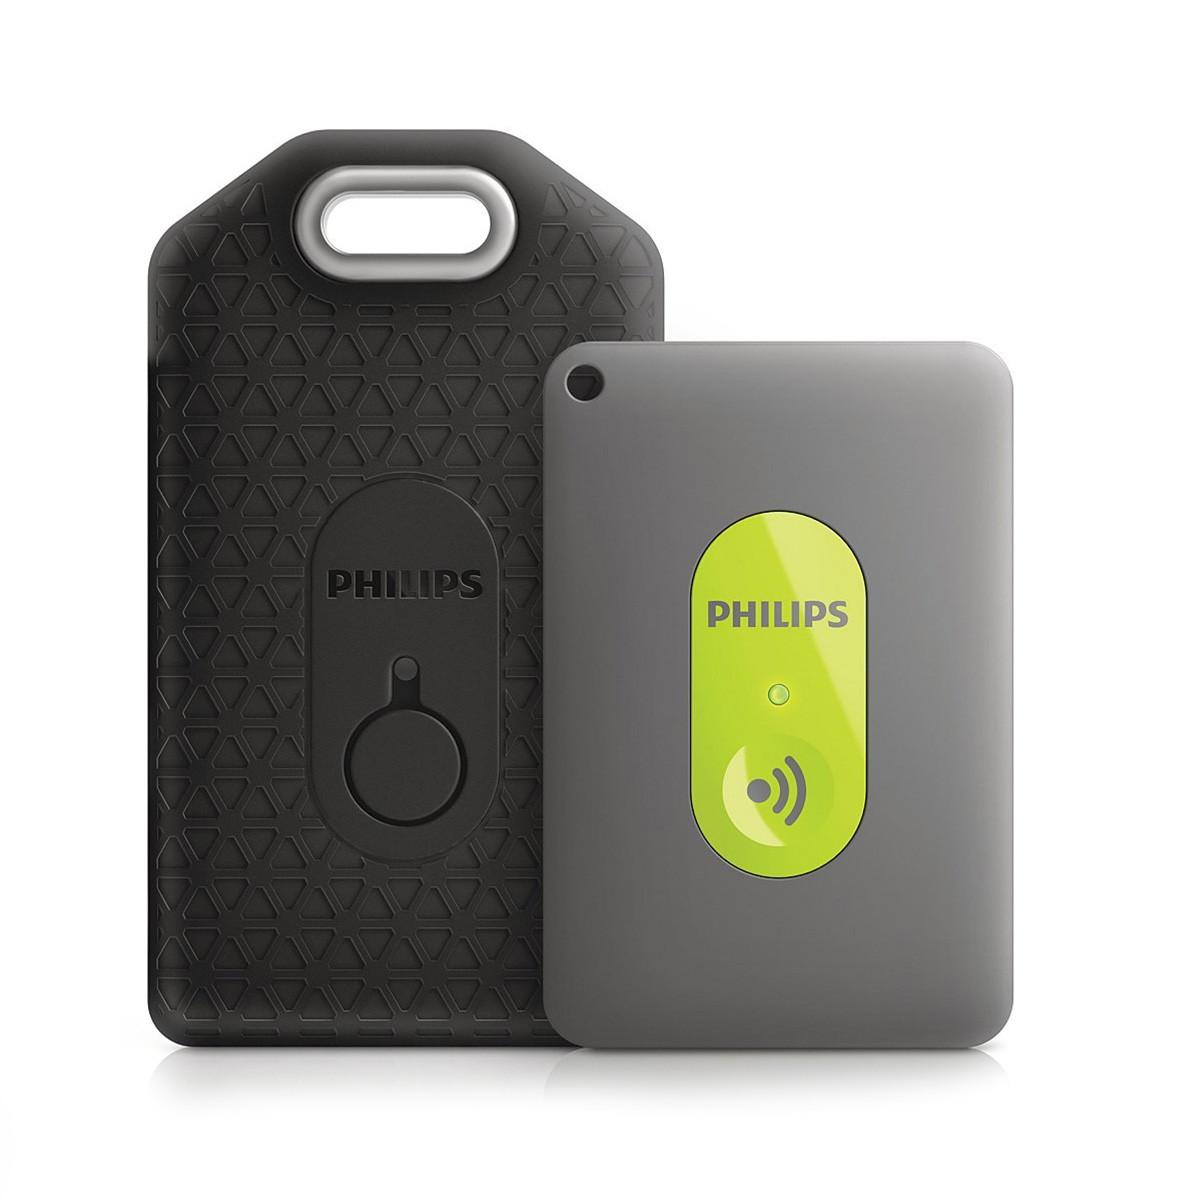 Устройство за проследяване с Bluetooth Philips InRange за Apple iPhone 5/4S и новия iPad